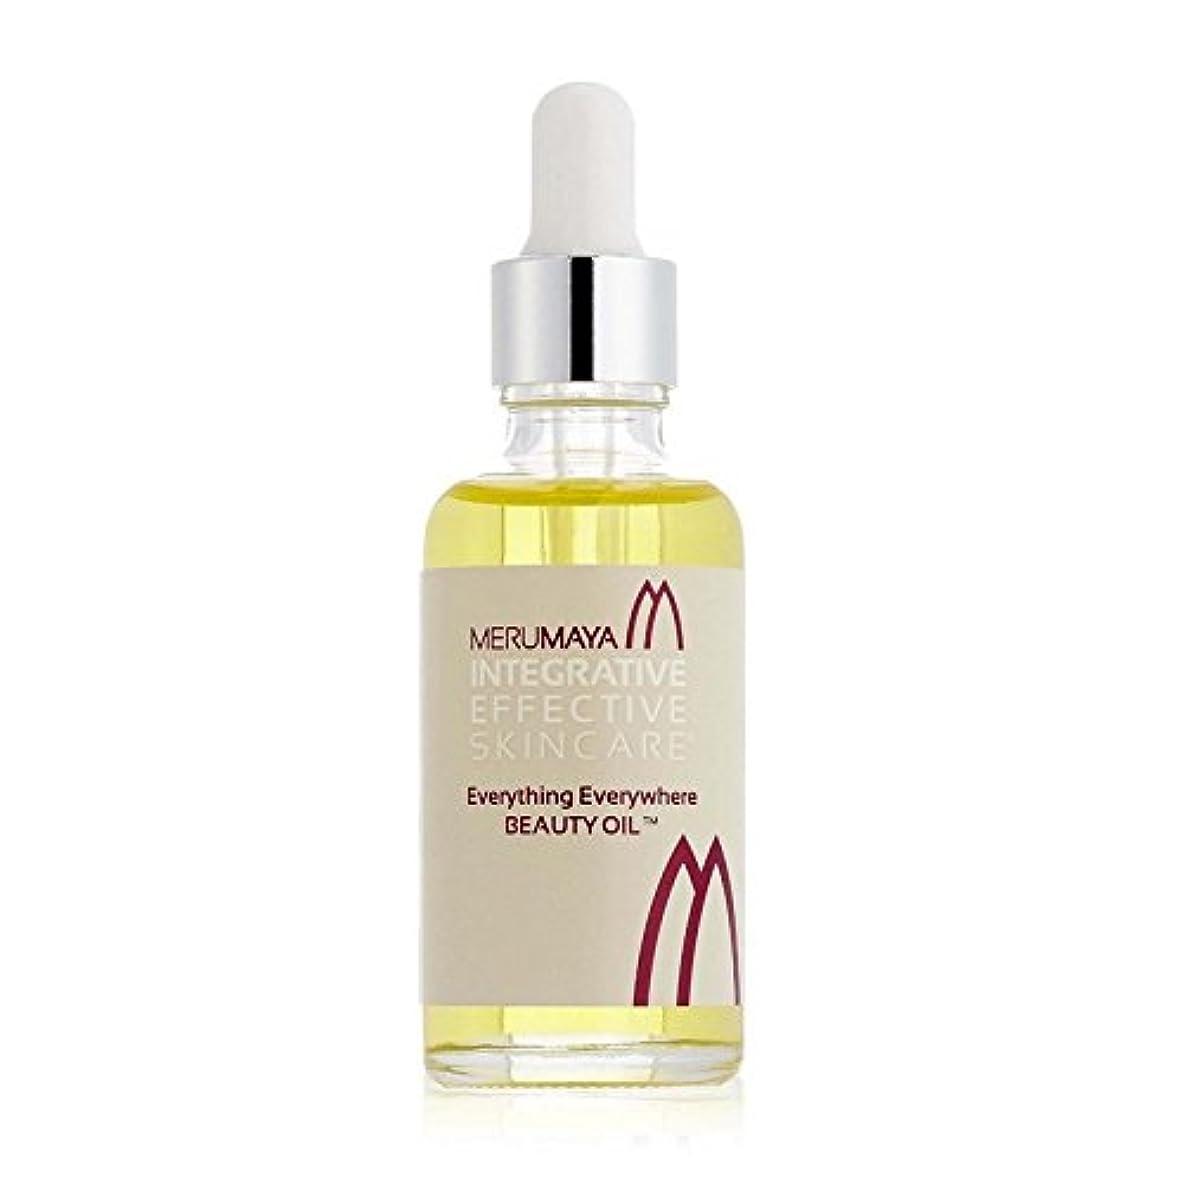 手のひら頭痛革新Merumaya Everything Everywhere Beauty Oil - どこでも、すべての美容オイルを [並行輸入品]